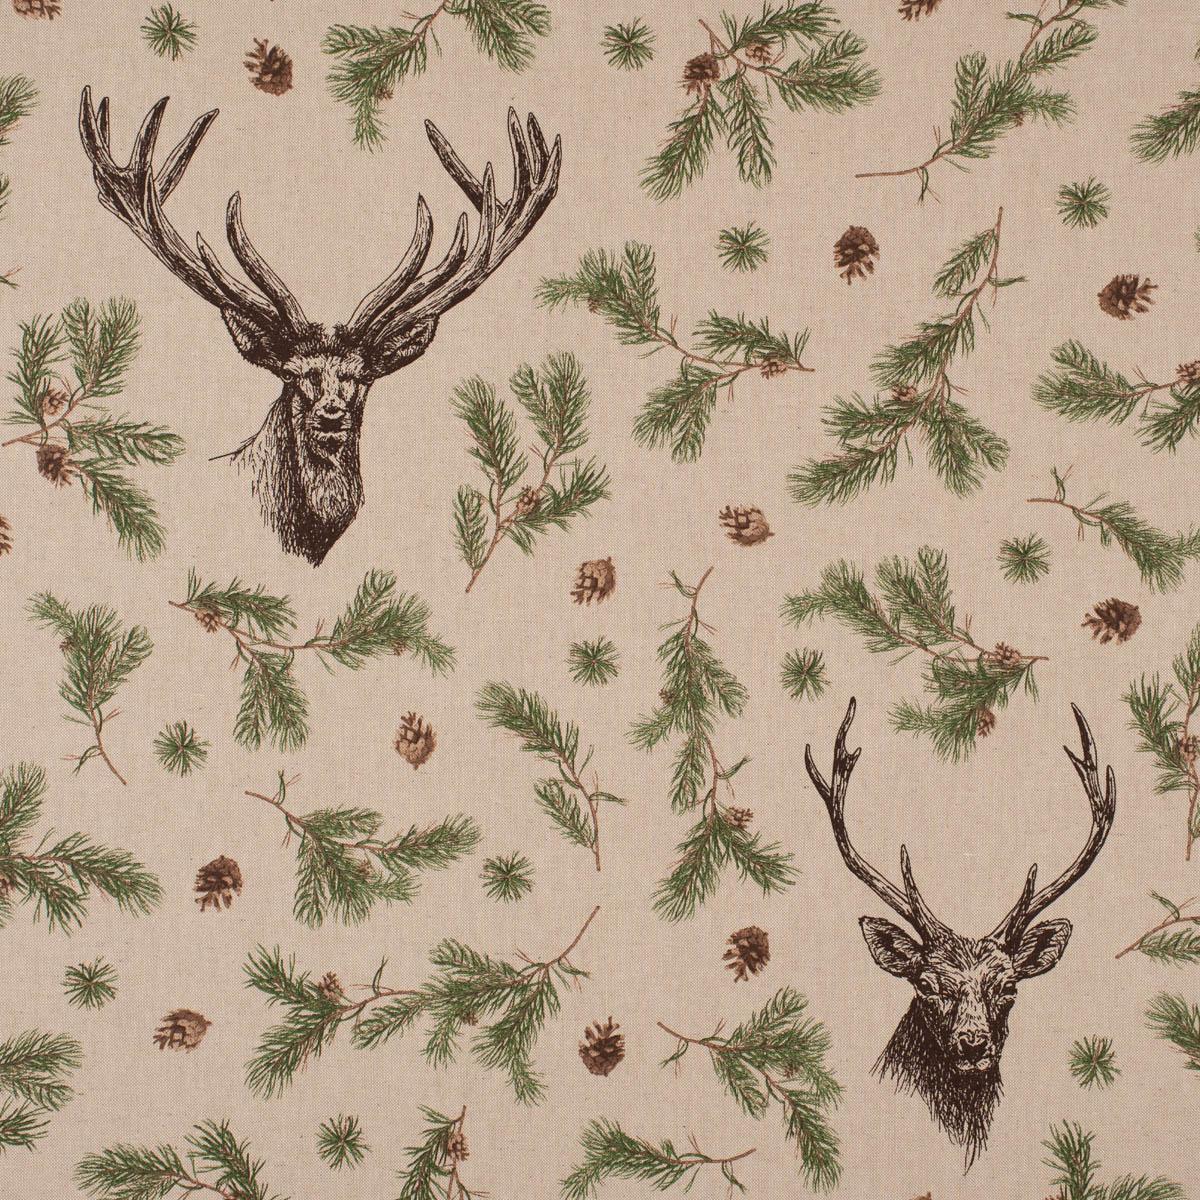 Dekostoff Halbpanama Leinenlook Deer Forest Hirsch Kiefernzweige natur grün 1,40m Breite